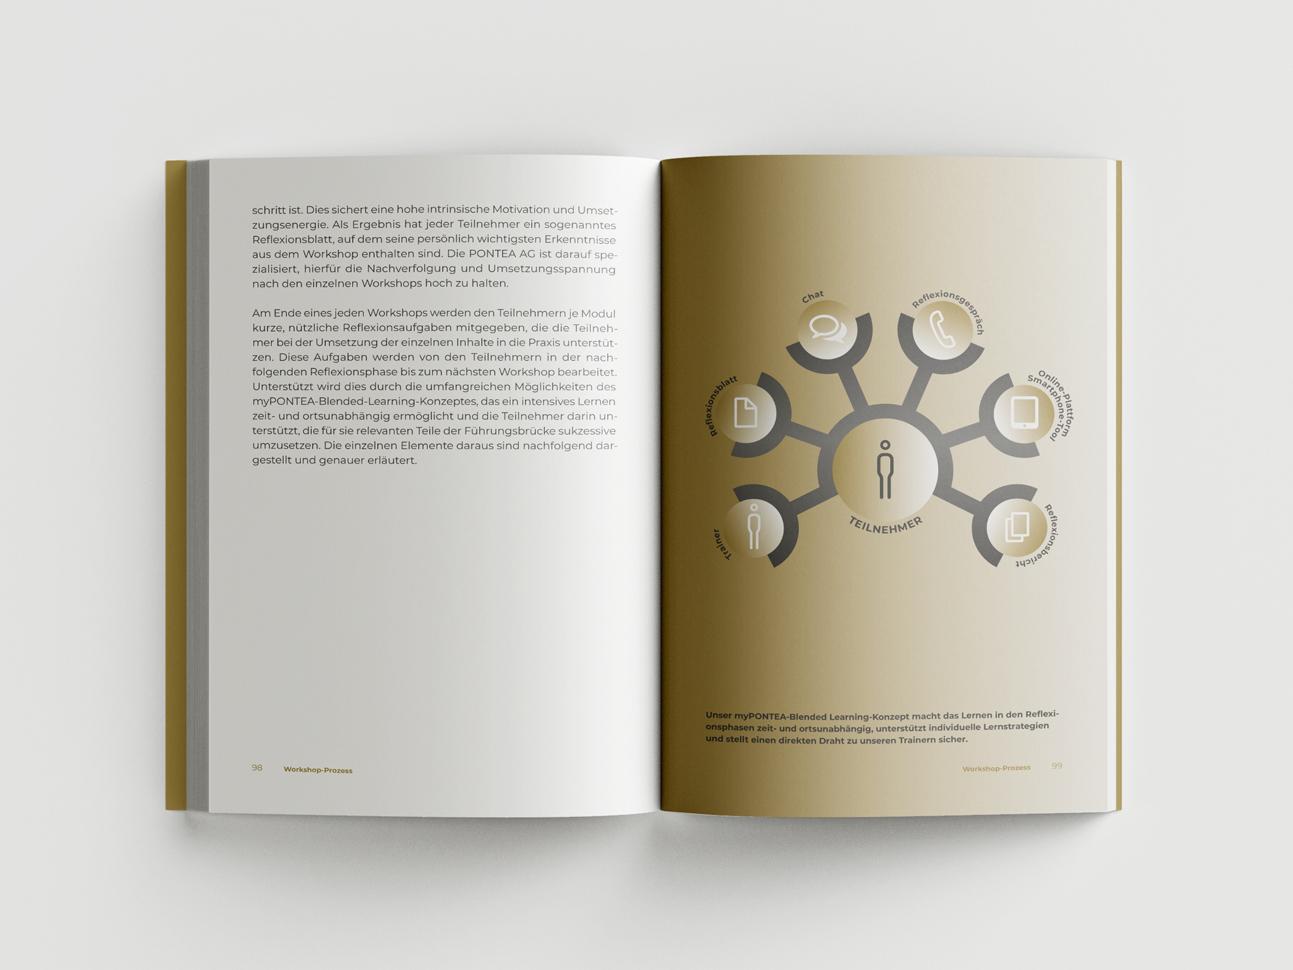 martin zech design, buchgestaltung, atilla vuran, mypontea, doppelseite 15